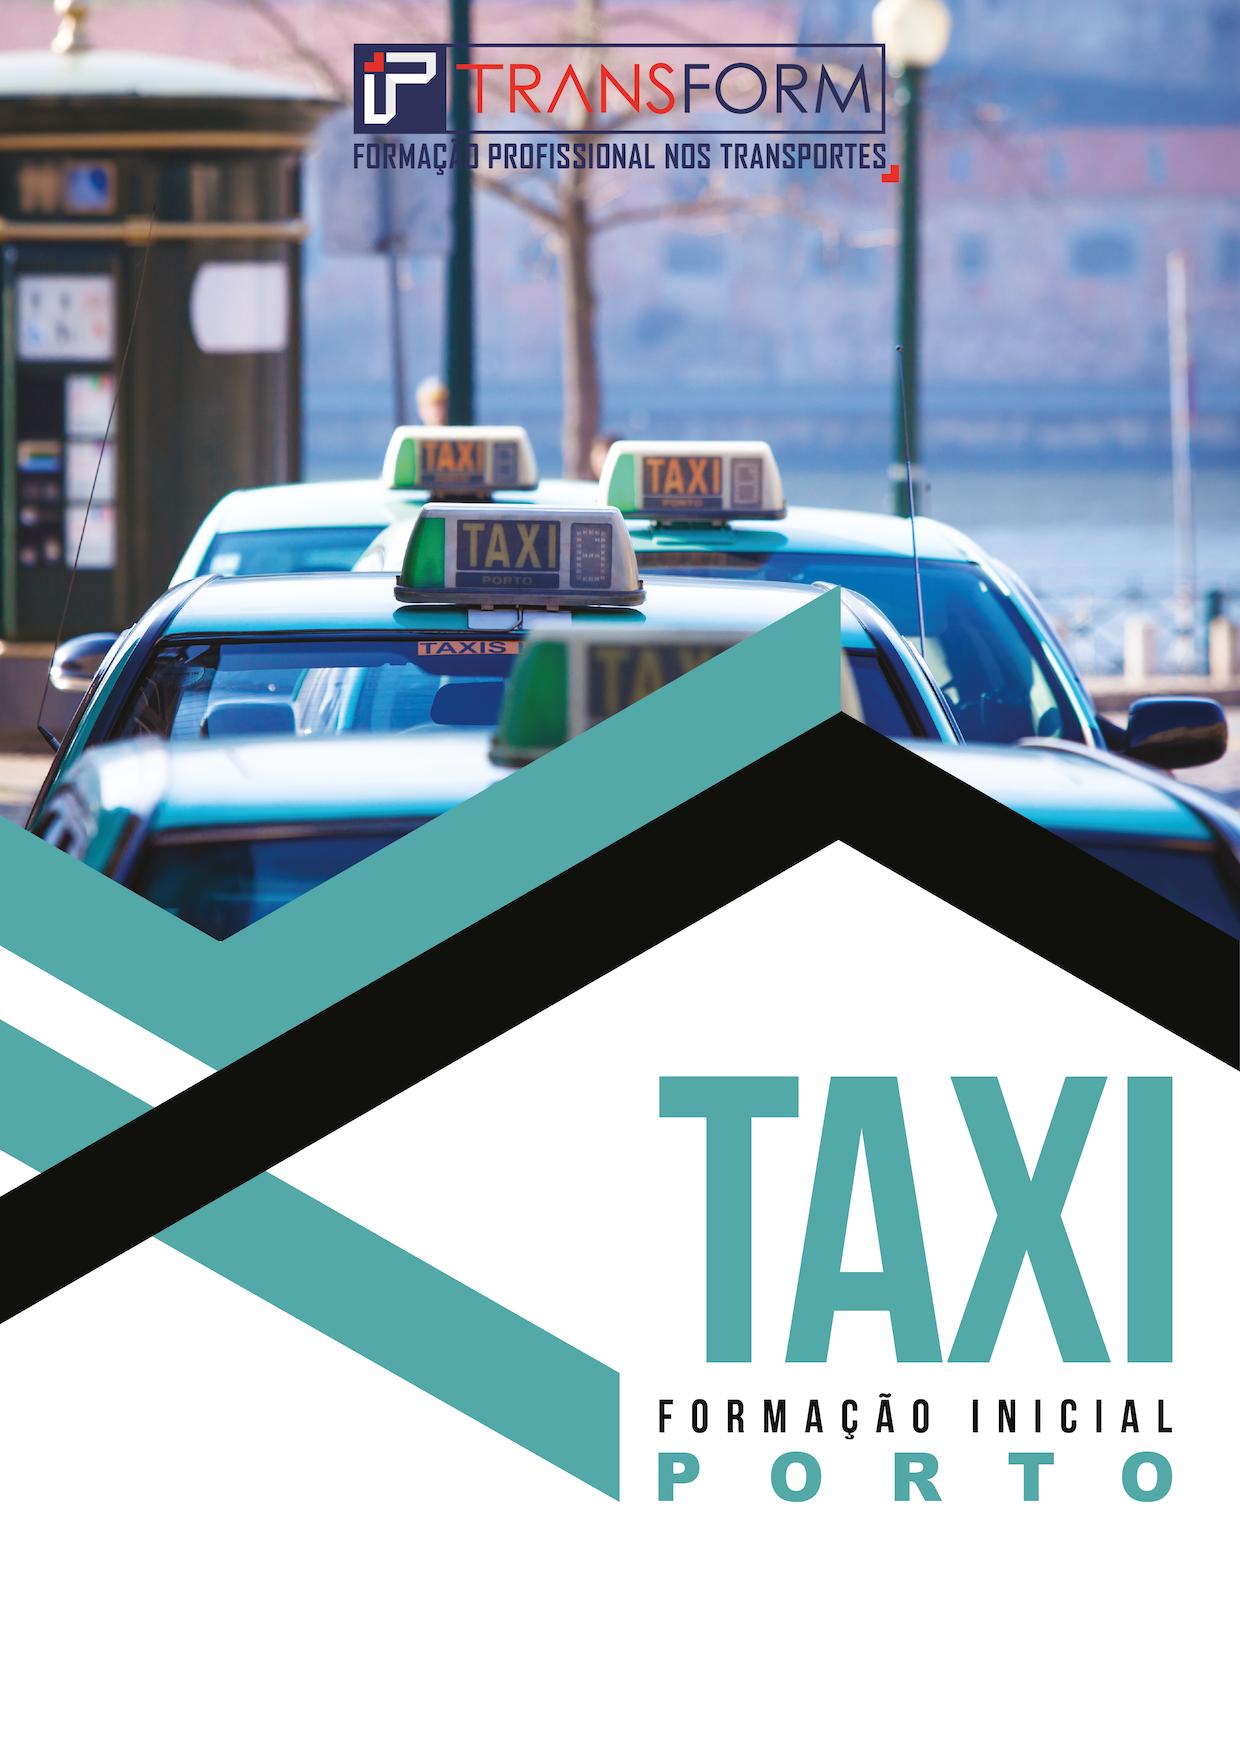 CMT - Certificado de Motorista de Táxi - Formação Inicial